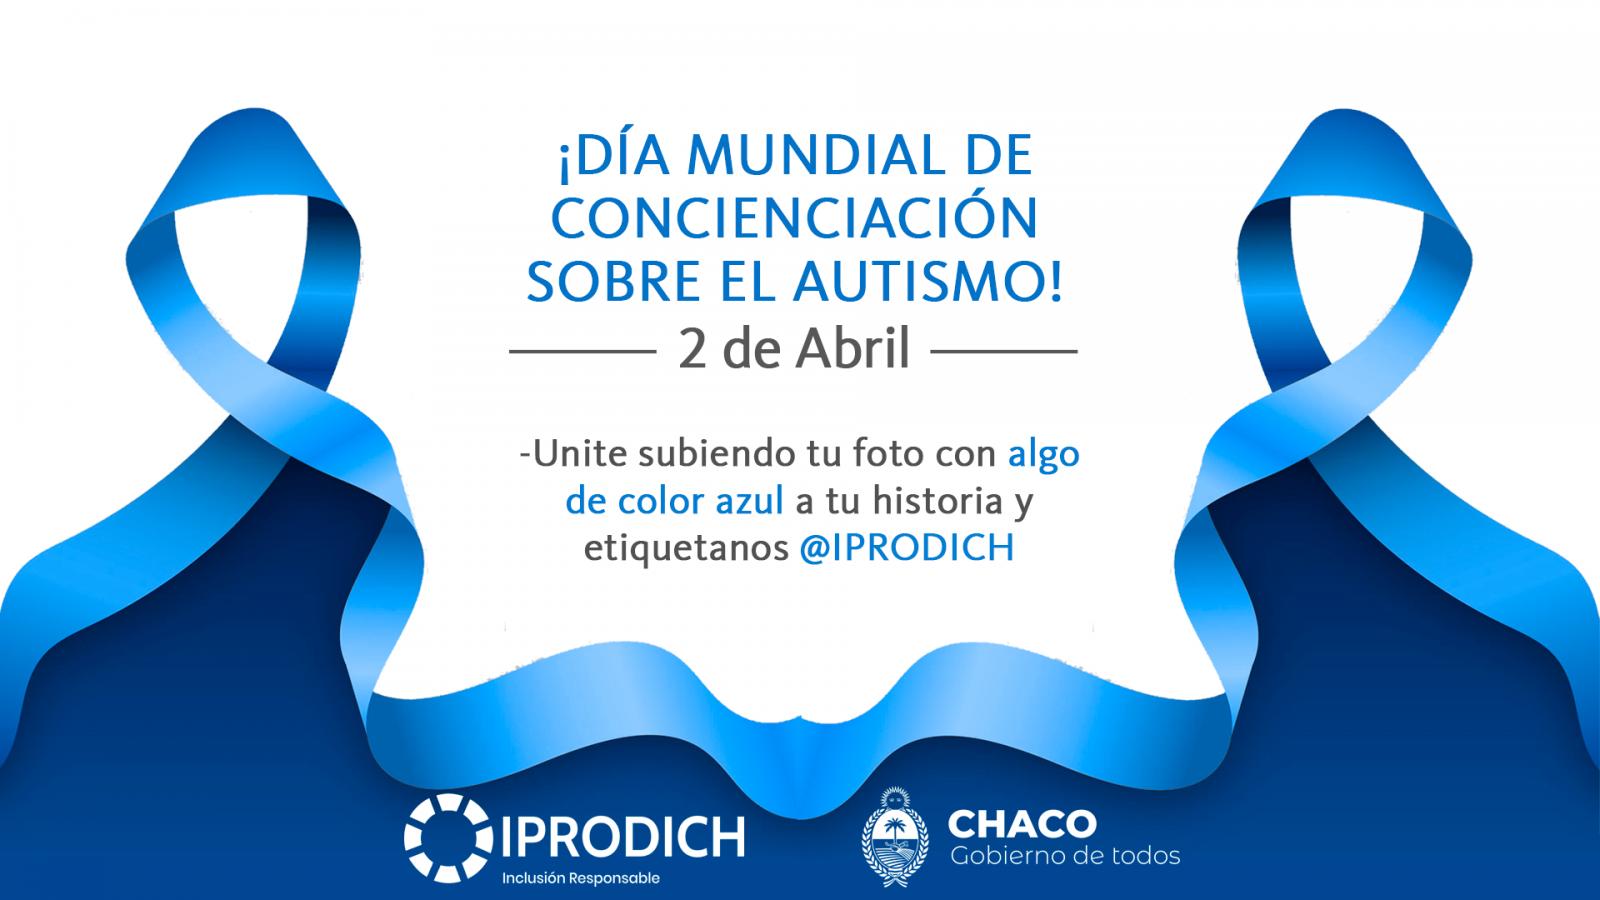 2 de Abril: IPRODICH invita a llevar alguna prenda de color azul por el Día Mundial del Autismo